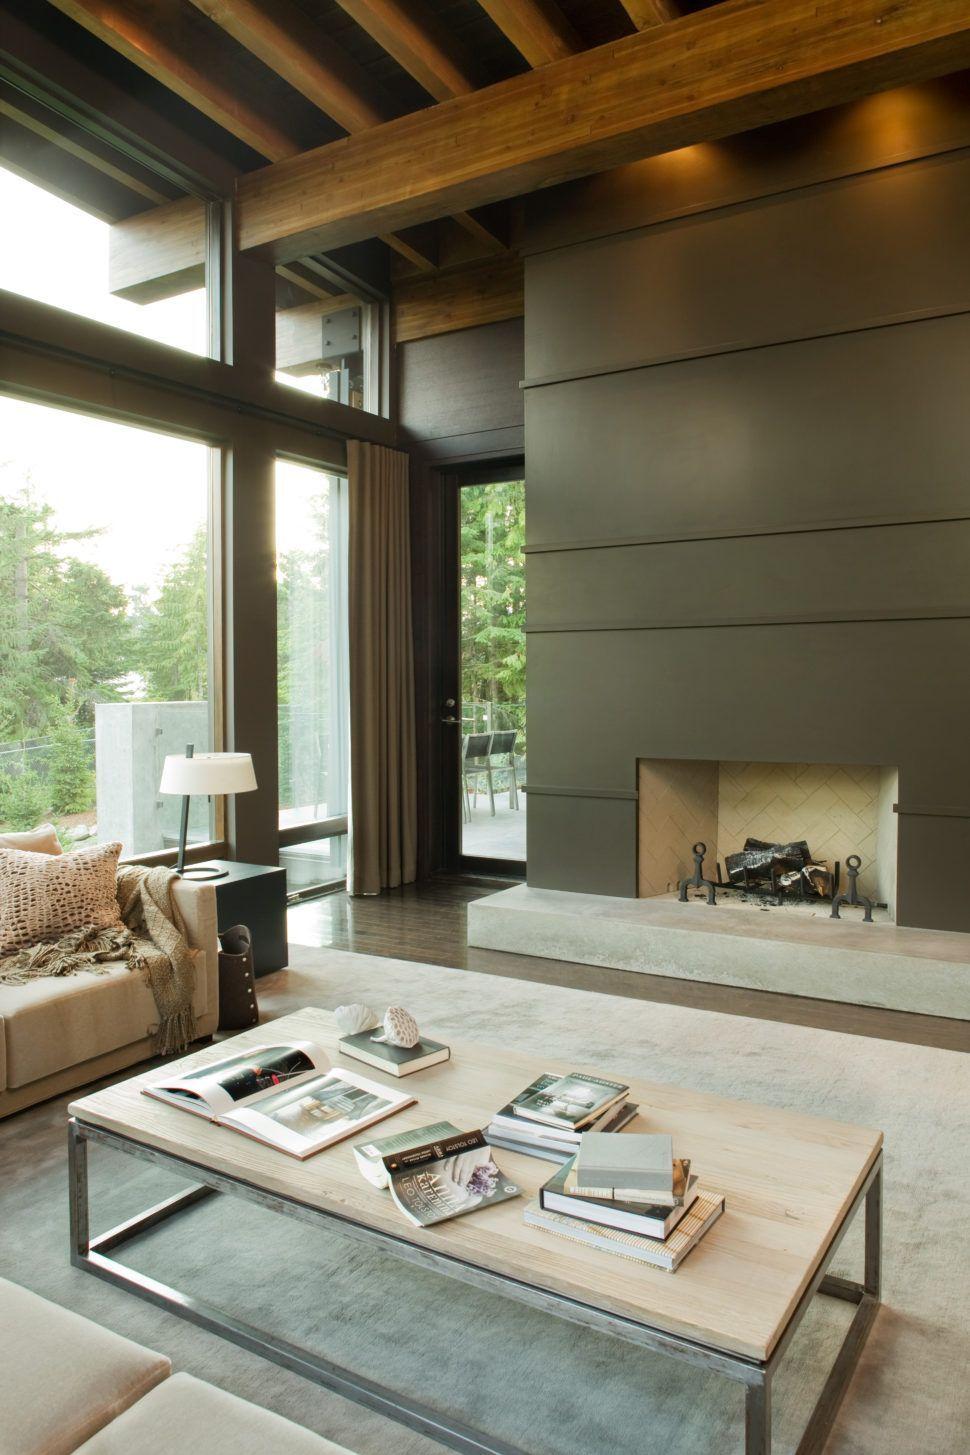 compass point villa whistler kelly deck fireplace ideas rh pinterest com